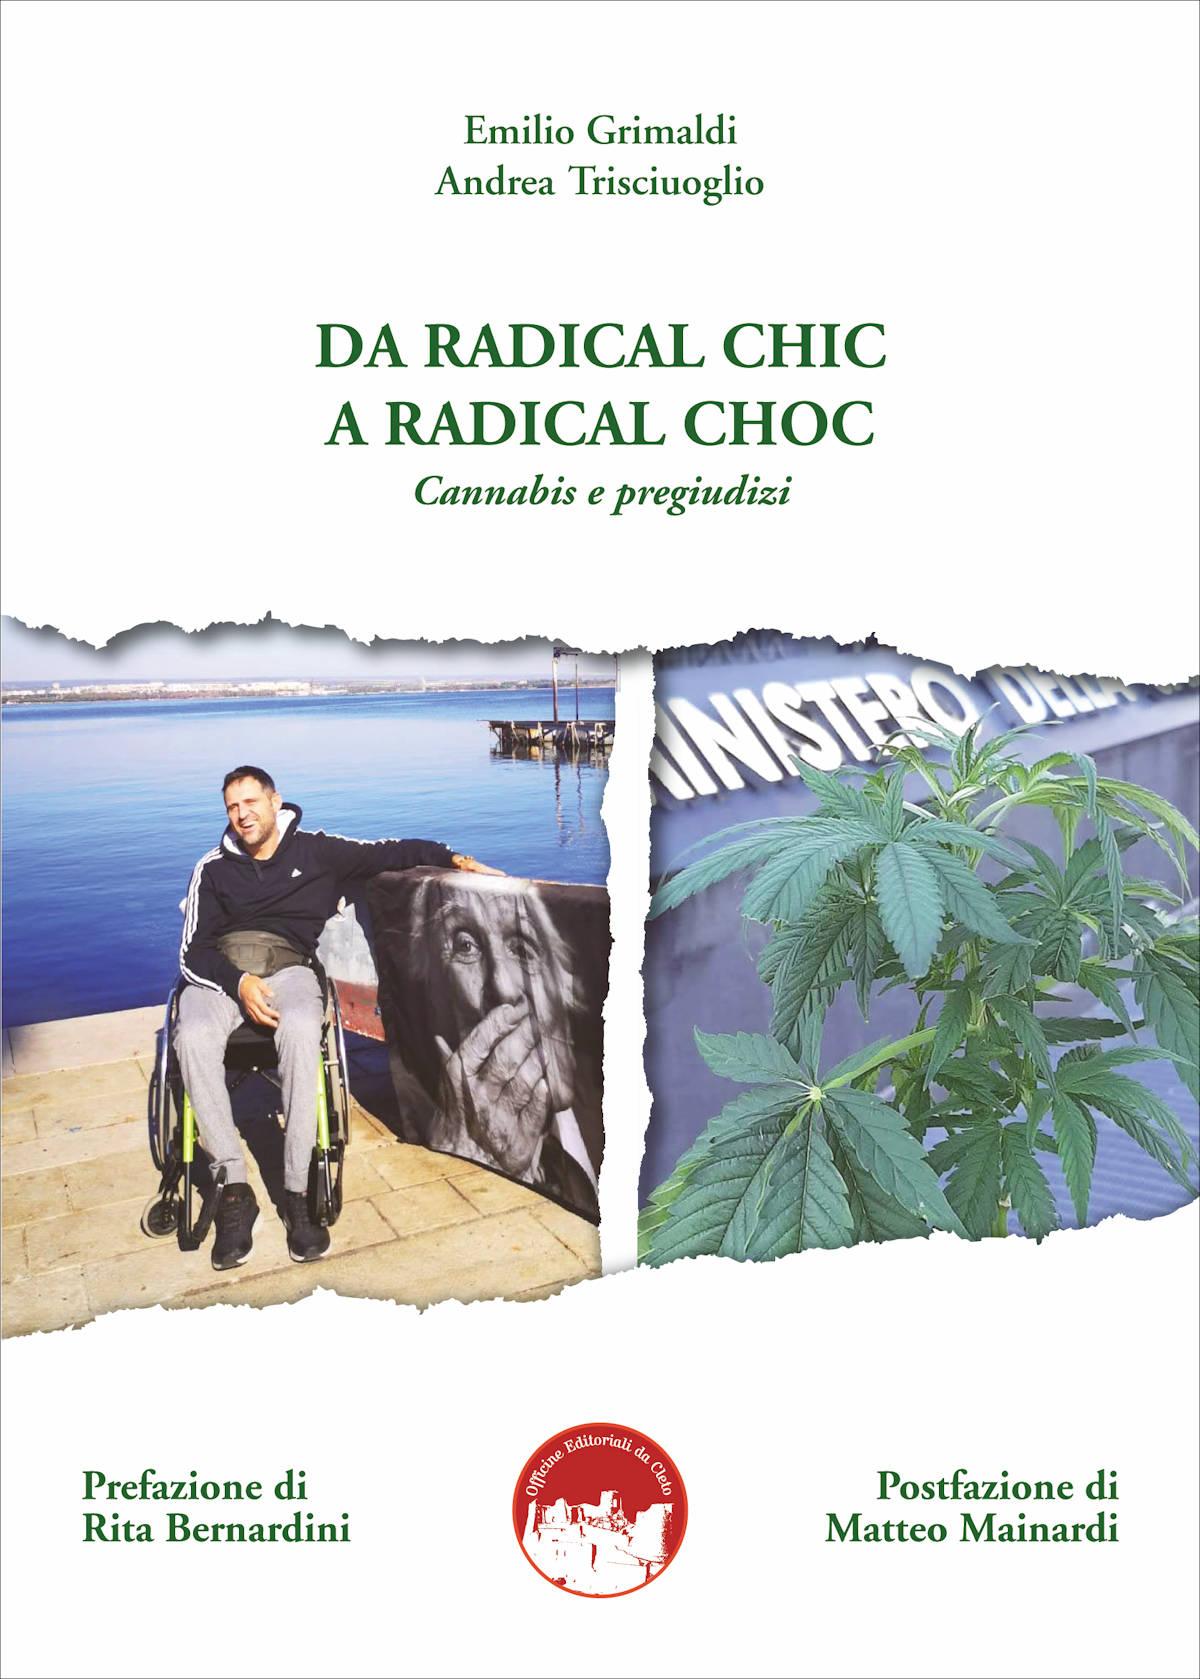 La copertina del libro Da radical chic a radical choc di Emilio Grimaldi ed Andrea Trisciuoglio